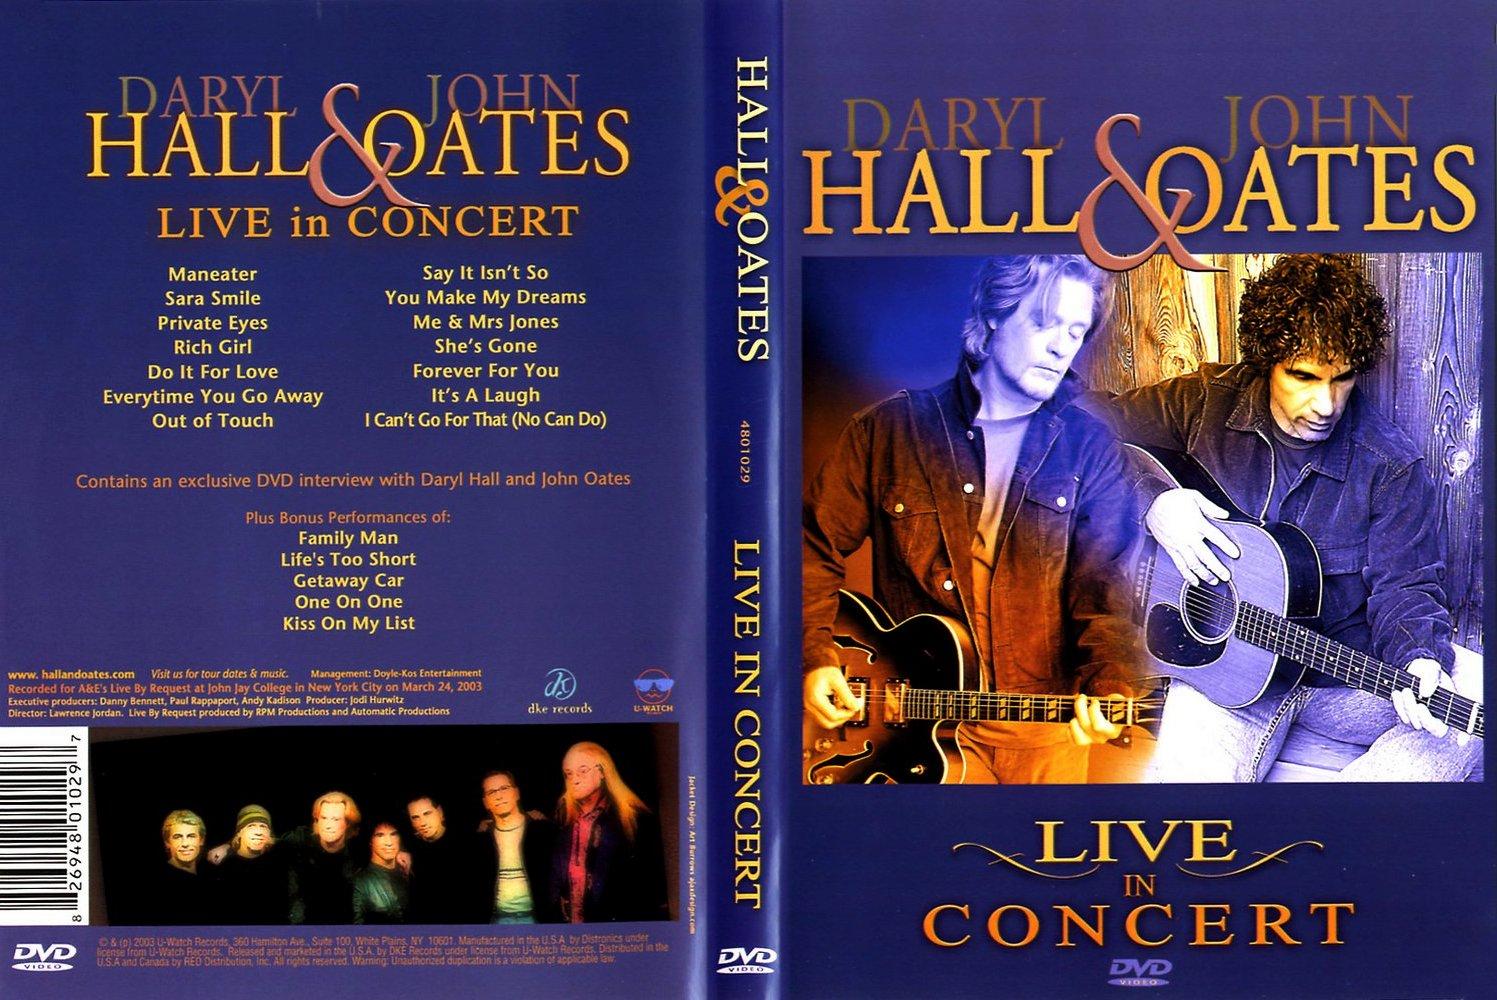 http://1.bp.blogspot.com/-9bW1gP8U5JQ/TmAwqab0tHI/AAAAAAAAD_E/ydsHSJZPehA/s1600/Hall_And_Oates_Live_In_Concert_Full-%255Bcdcovers_cc%255D-front.jpg